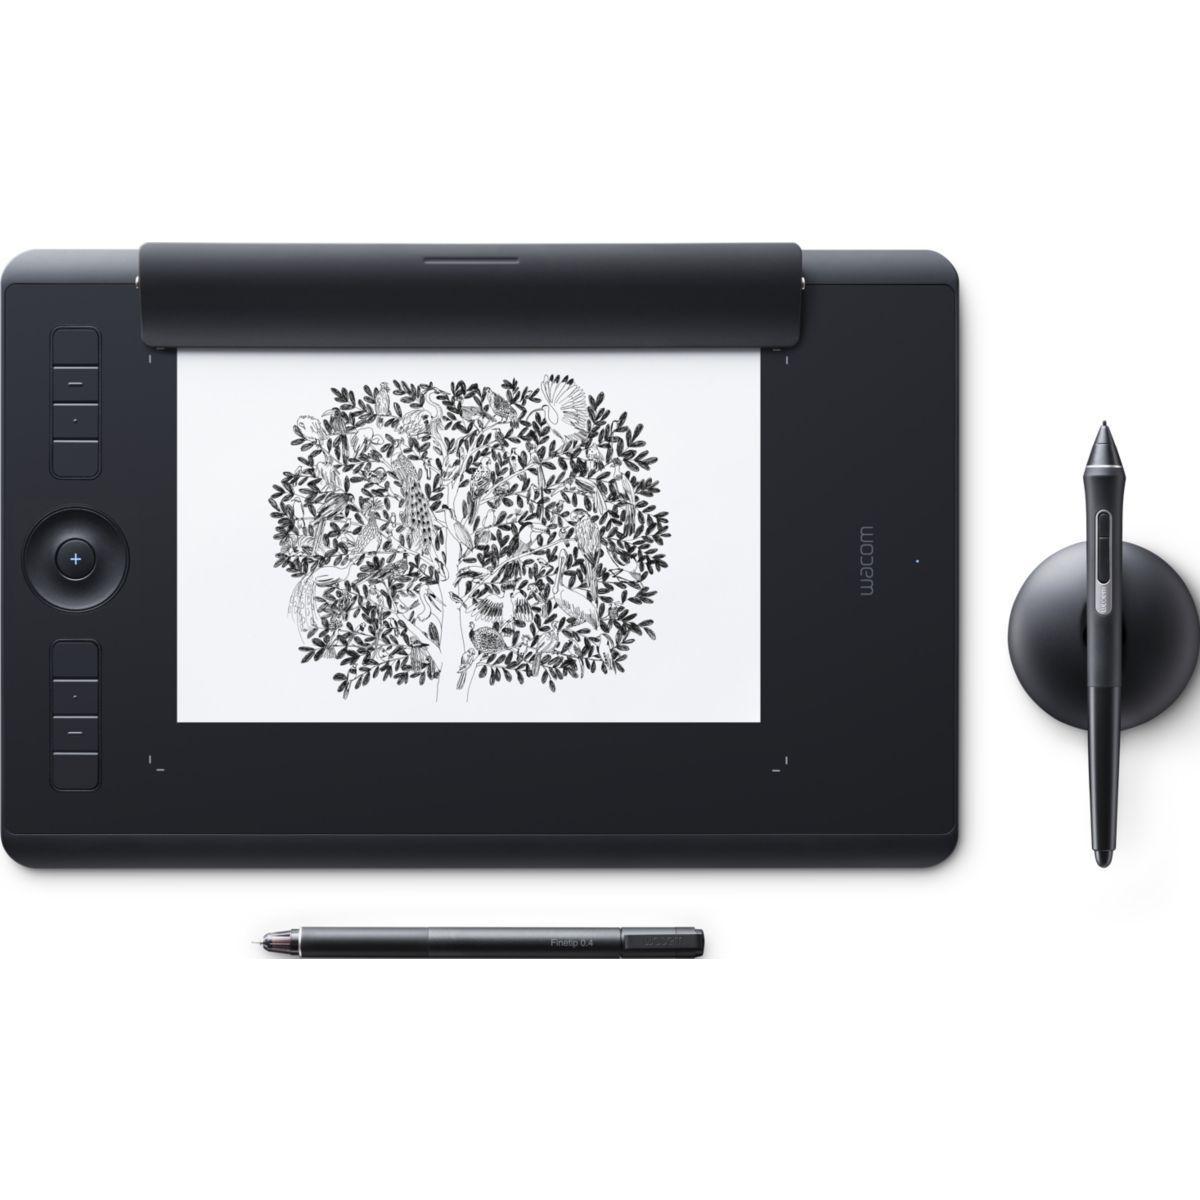 Tablette graphique wacom intuos pro paper edition pth-860p-s -...